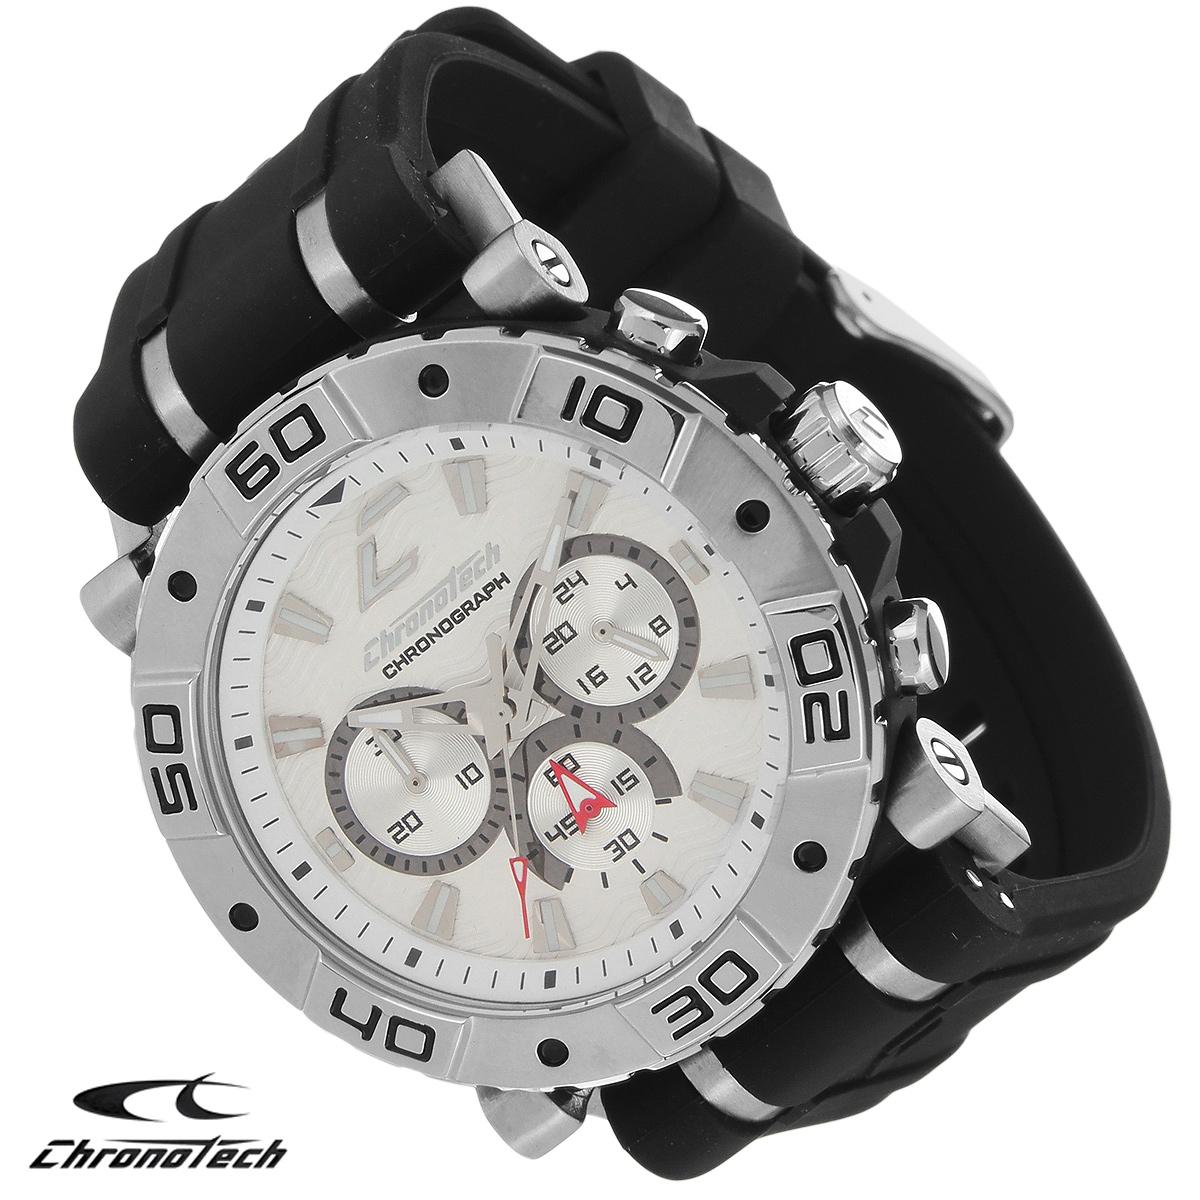 Часы мужские наручные Chronotech, цвет: черный. RW0034BM8434-58AEЧасы Chronotech - это часы для современных и стильных людей, которые стремятся выделиться из толпы и подчеркнуть свою индивидуальность. Корпус часов выполнен из нержавеющей стали. Циферблат оформлен отметками и защищен минеральным стеклом. Часы имеют три стрелки - часовую, минутную и секундную. Стрелки и отметки светятся в темноте. Ремешок часов выполнен из каучука и застегивается на классическую застежку. Часы выполнены в спортивном стиле.Часы упакованы в фирменную коробку с логотипом компании Chronotech. Такой аксессуар добавит вашему образу стиля и подчеркнет безупречный вкус своего владельца.Характеристики: Диаметр циферблата: 3,3 см.Размер корпуса: 4,5 см х 4 см х 1 см.Длина ремешка (с корпусом): 24,5 см.Ширина ремешка: 2,4 см.